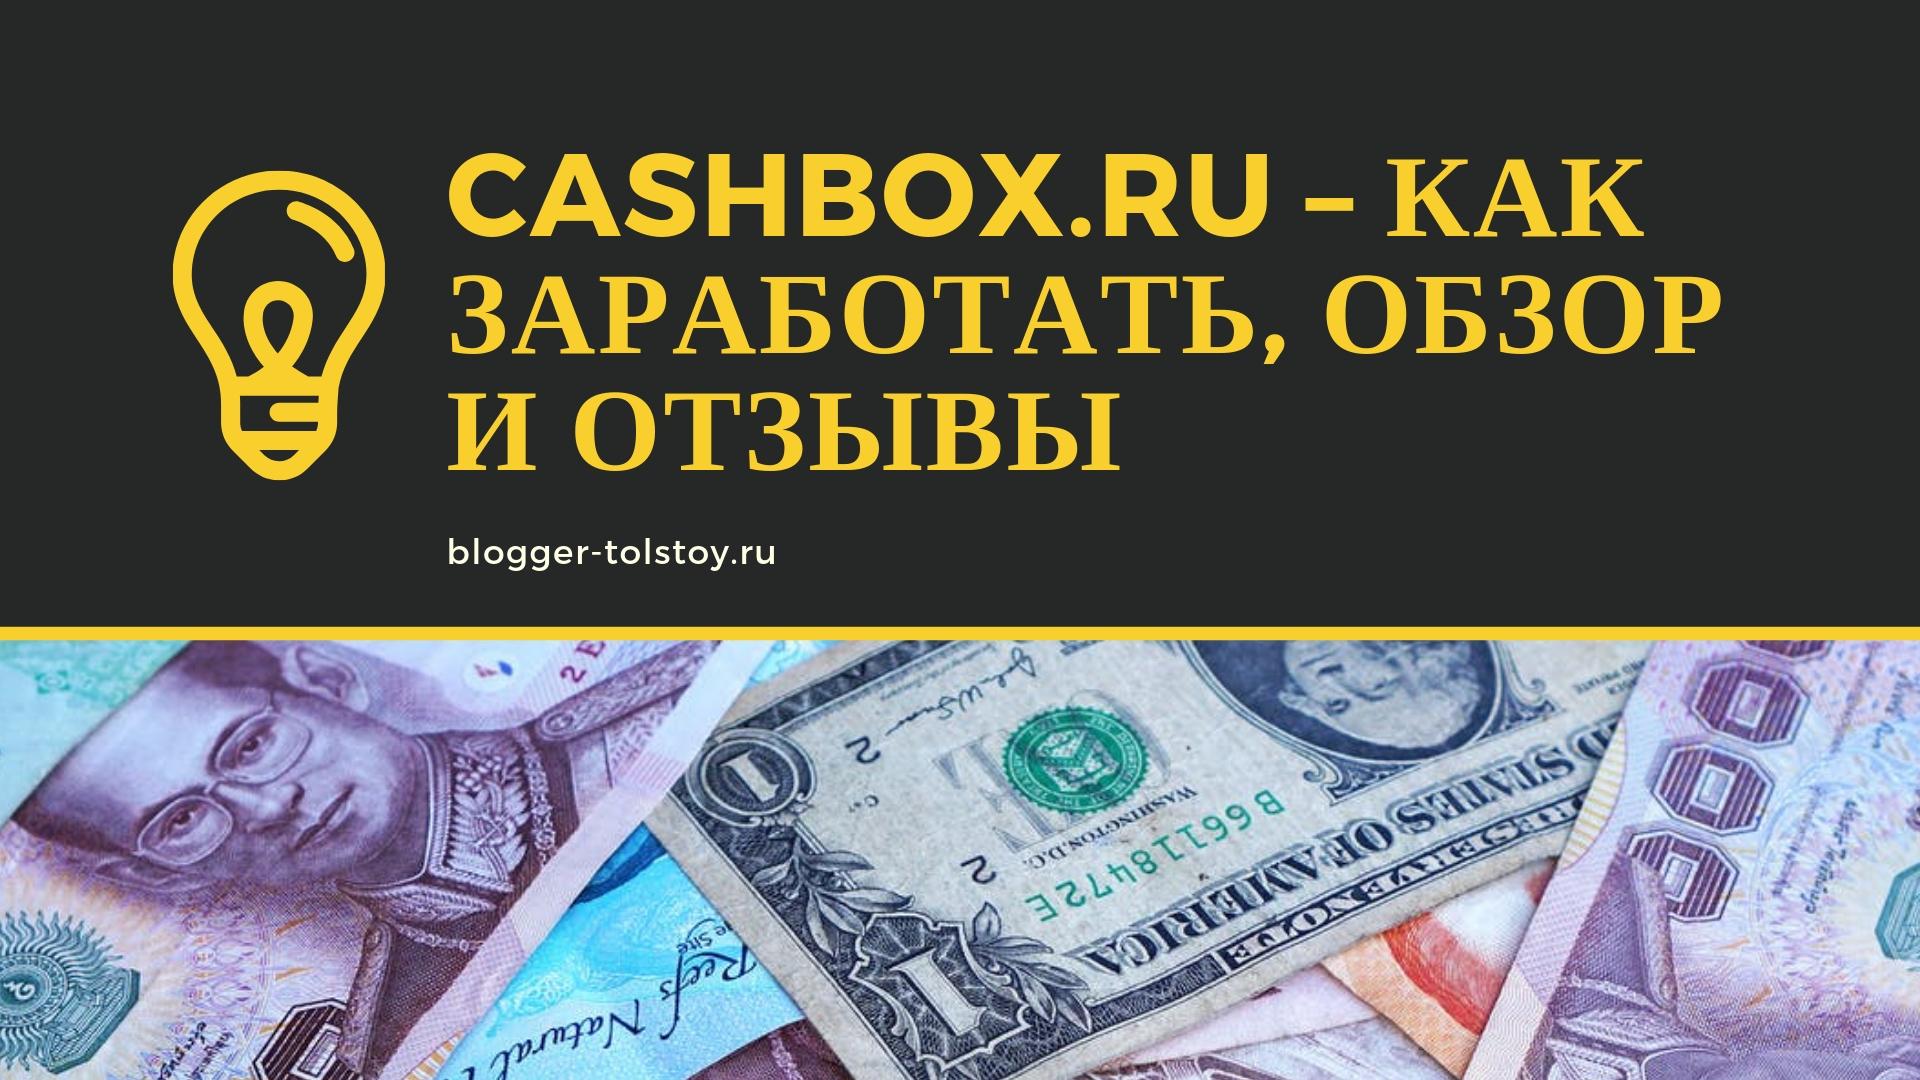 Cashbox.ru